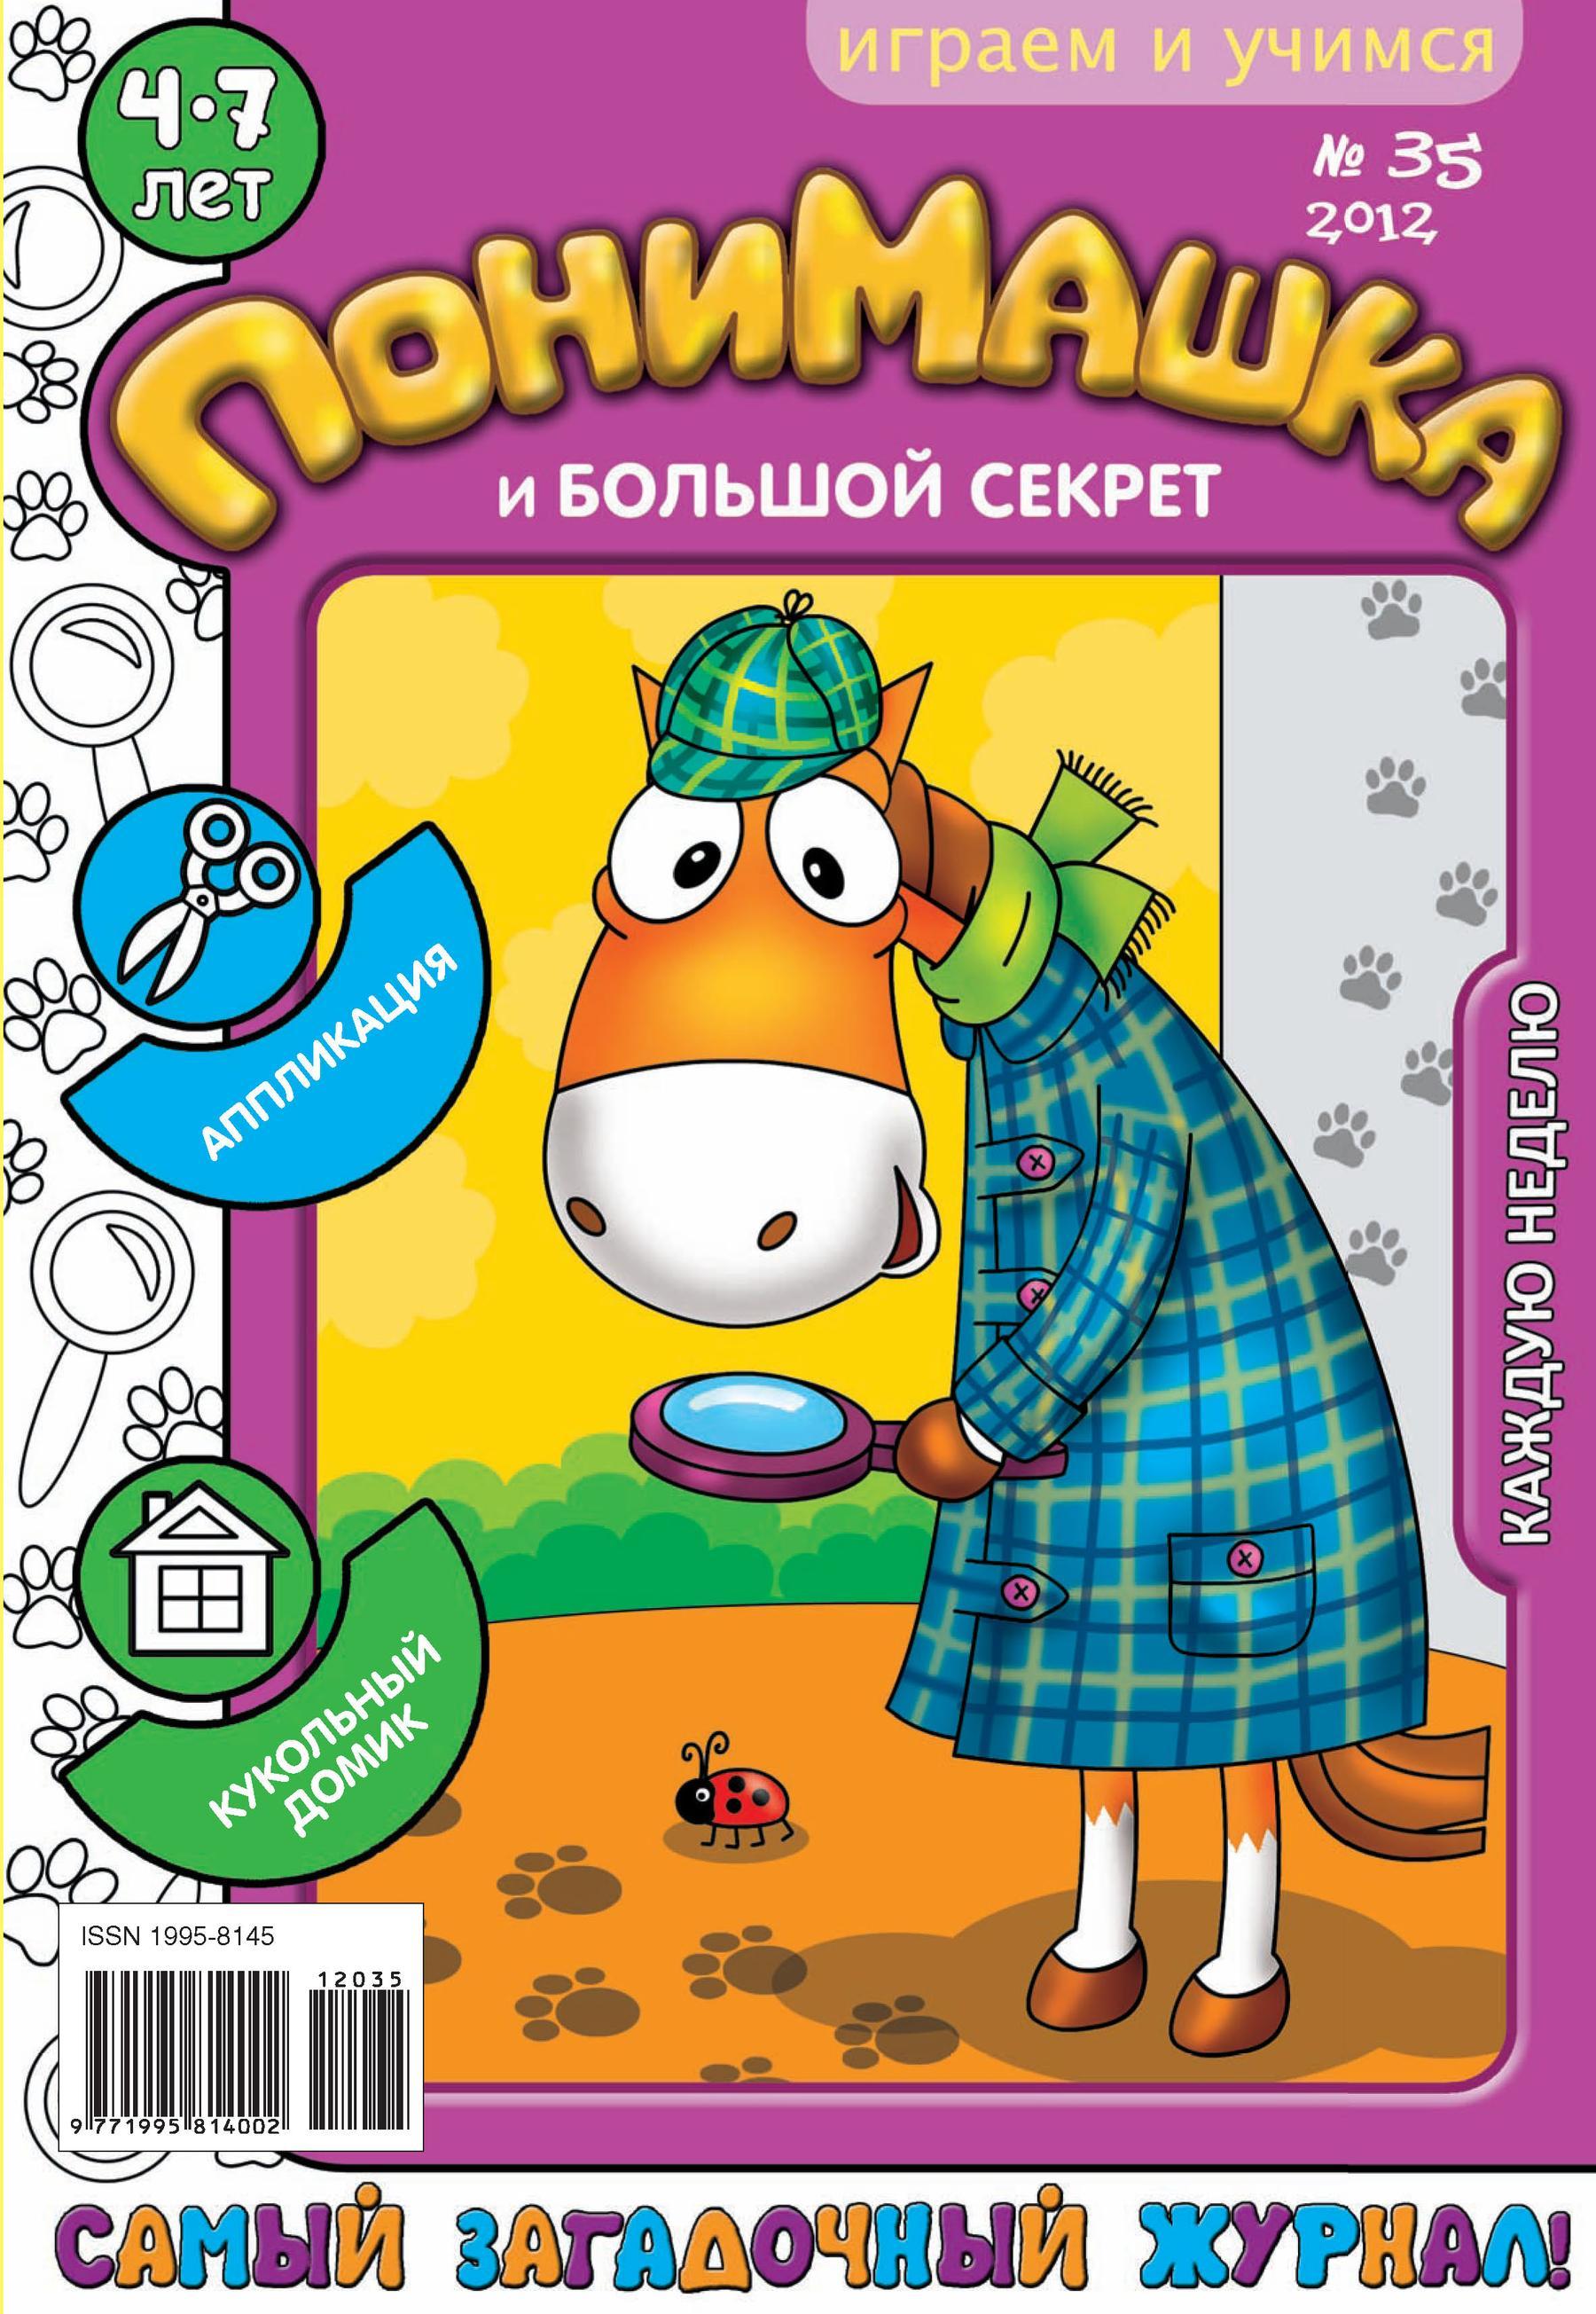 Открытые системы ПониМашка. Развлекательно-развивающий журнал. №35 (сентябрь) 2012